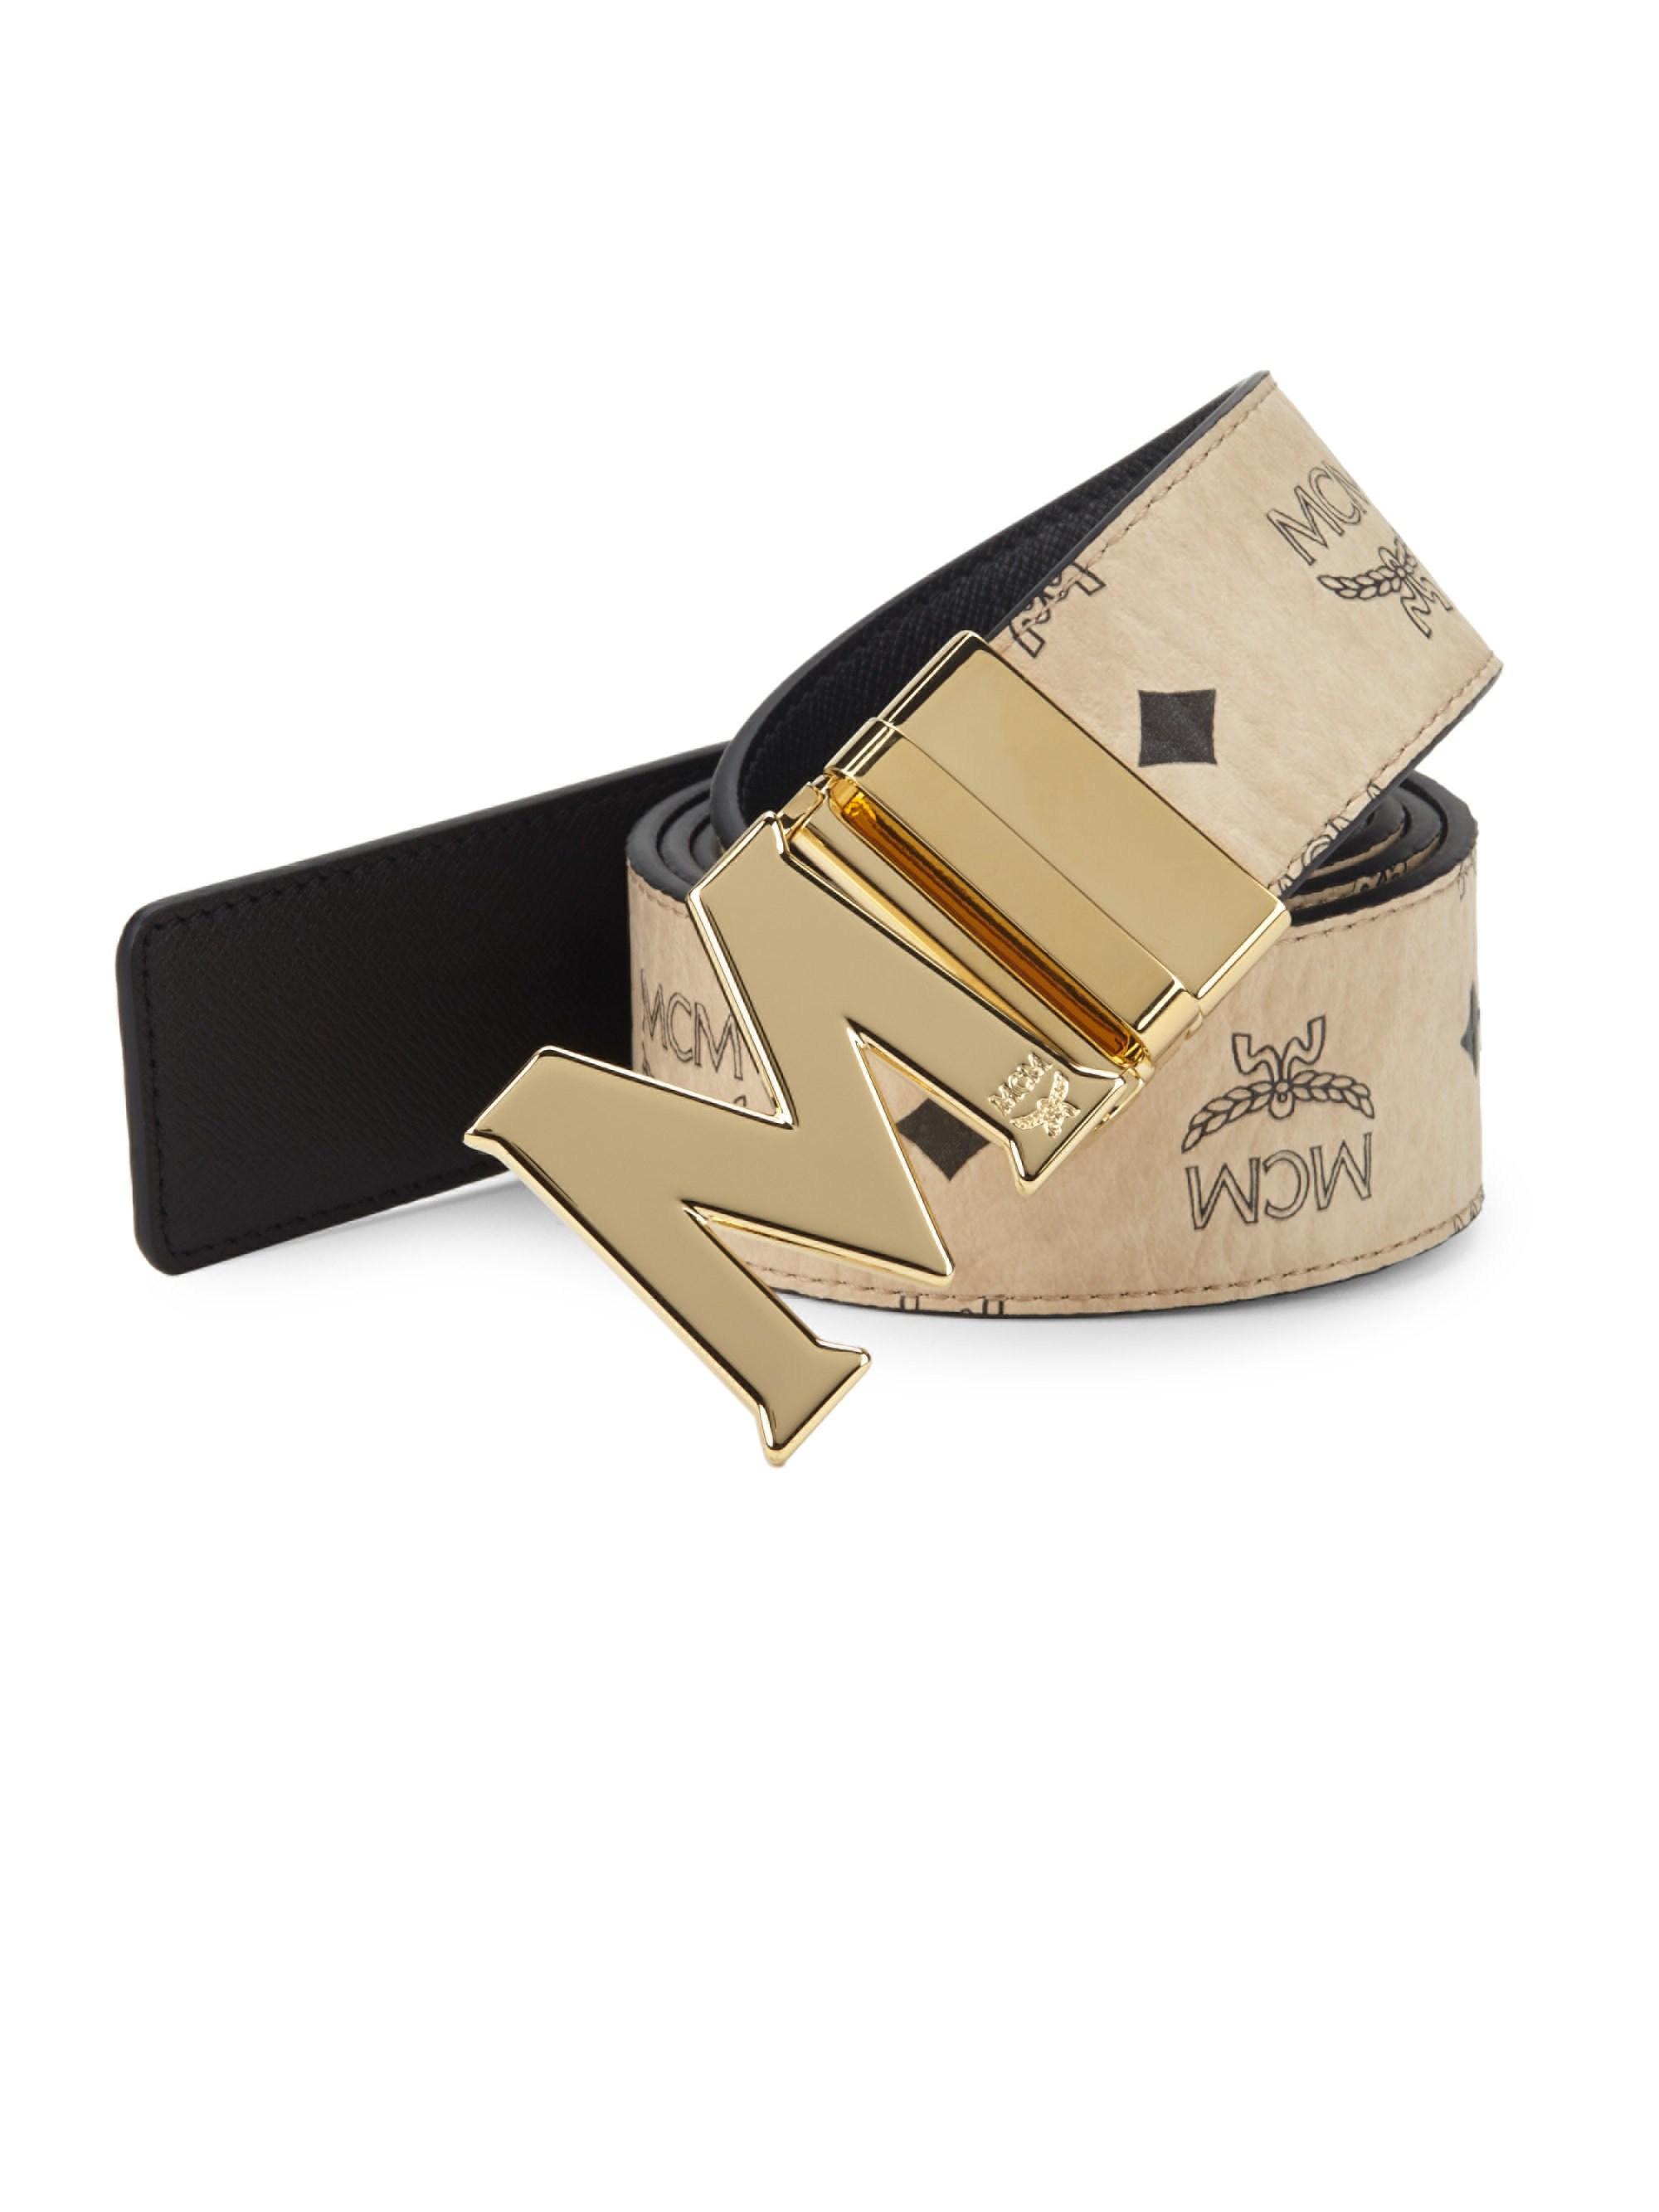 Lyst - MCM Men s Logo-print Leather Belt - Beige in Natural for Men 9e5ec592a92f